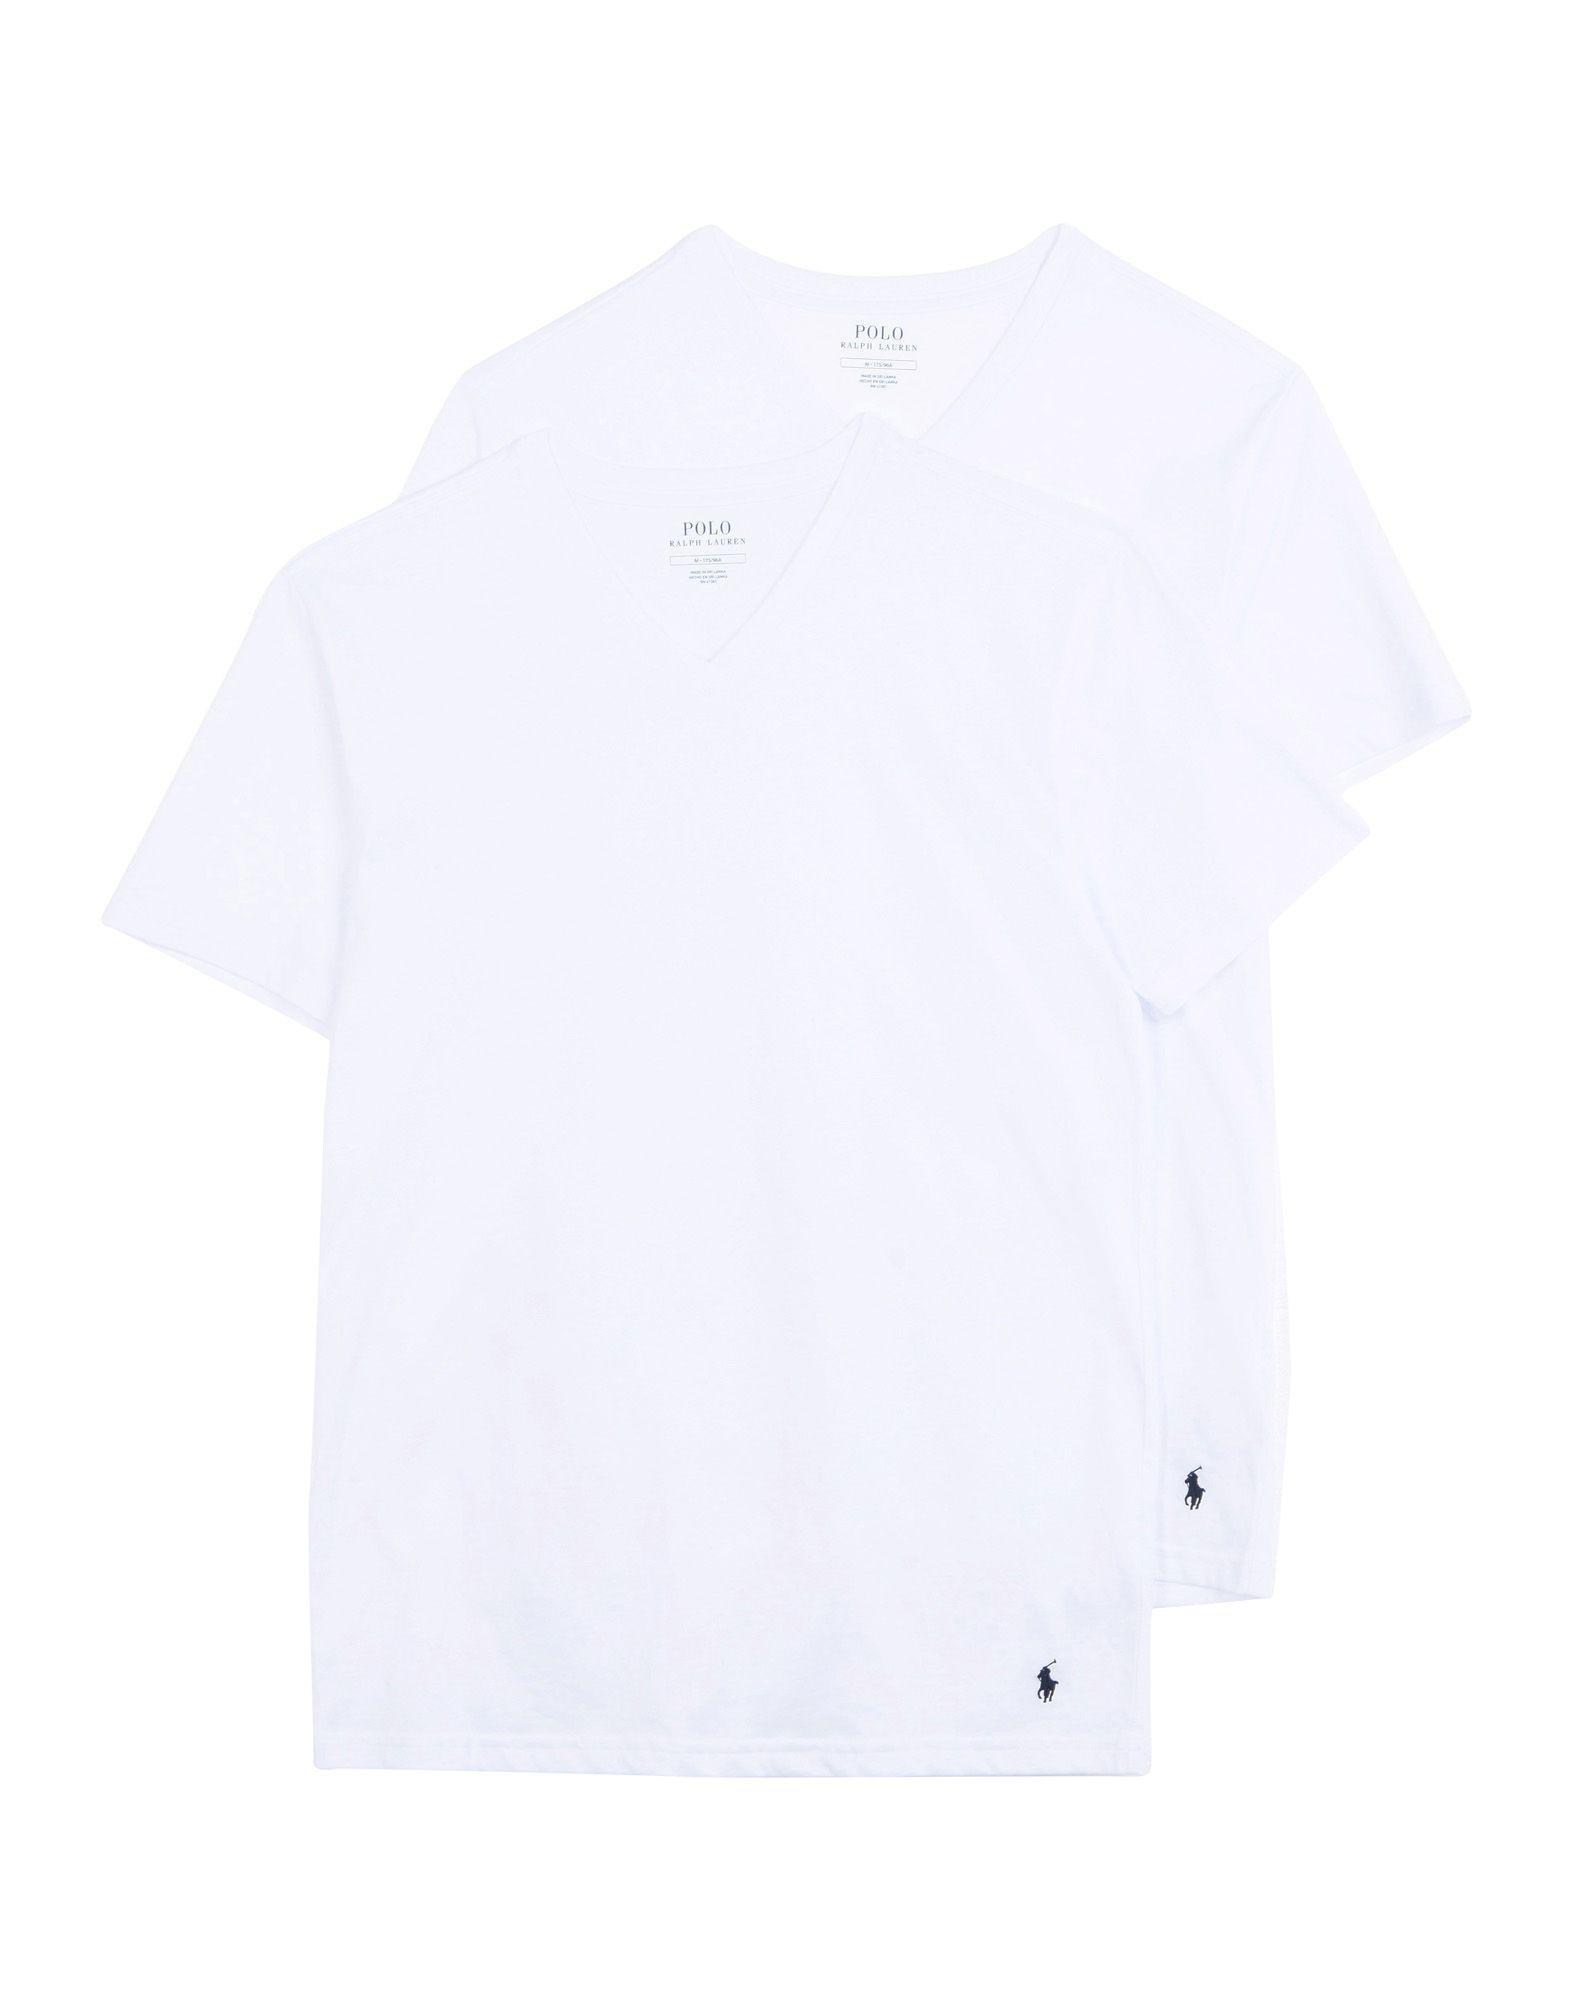 ac3a001701a40 Lyst - Tricot de peau Polo Ralph Lauren pour homme en coloris Blanc